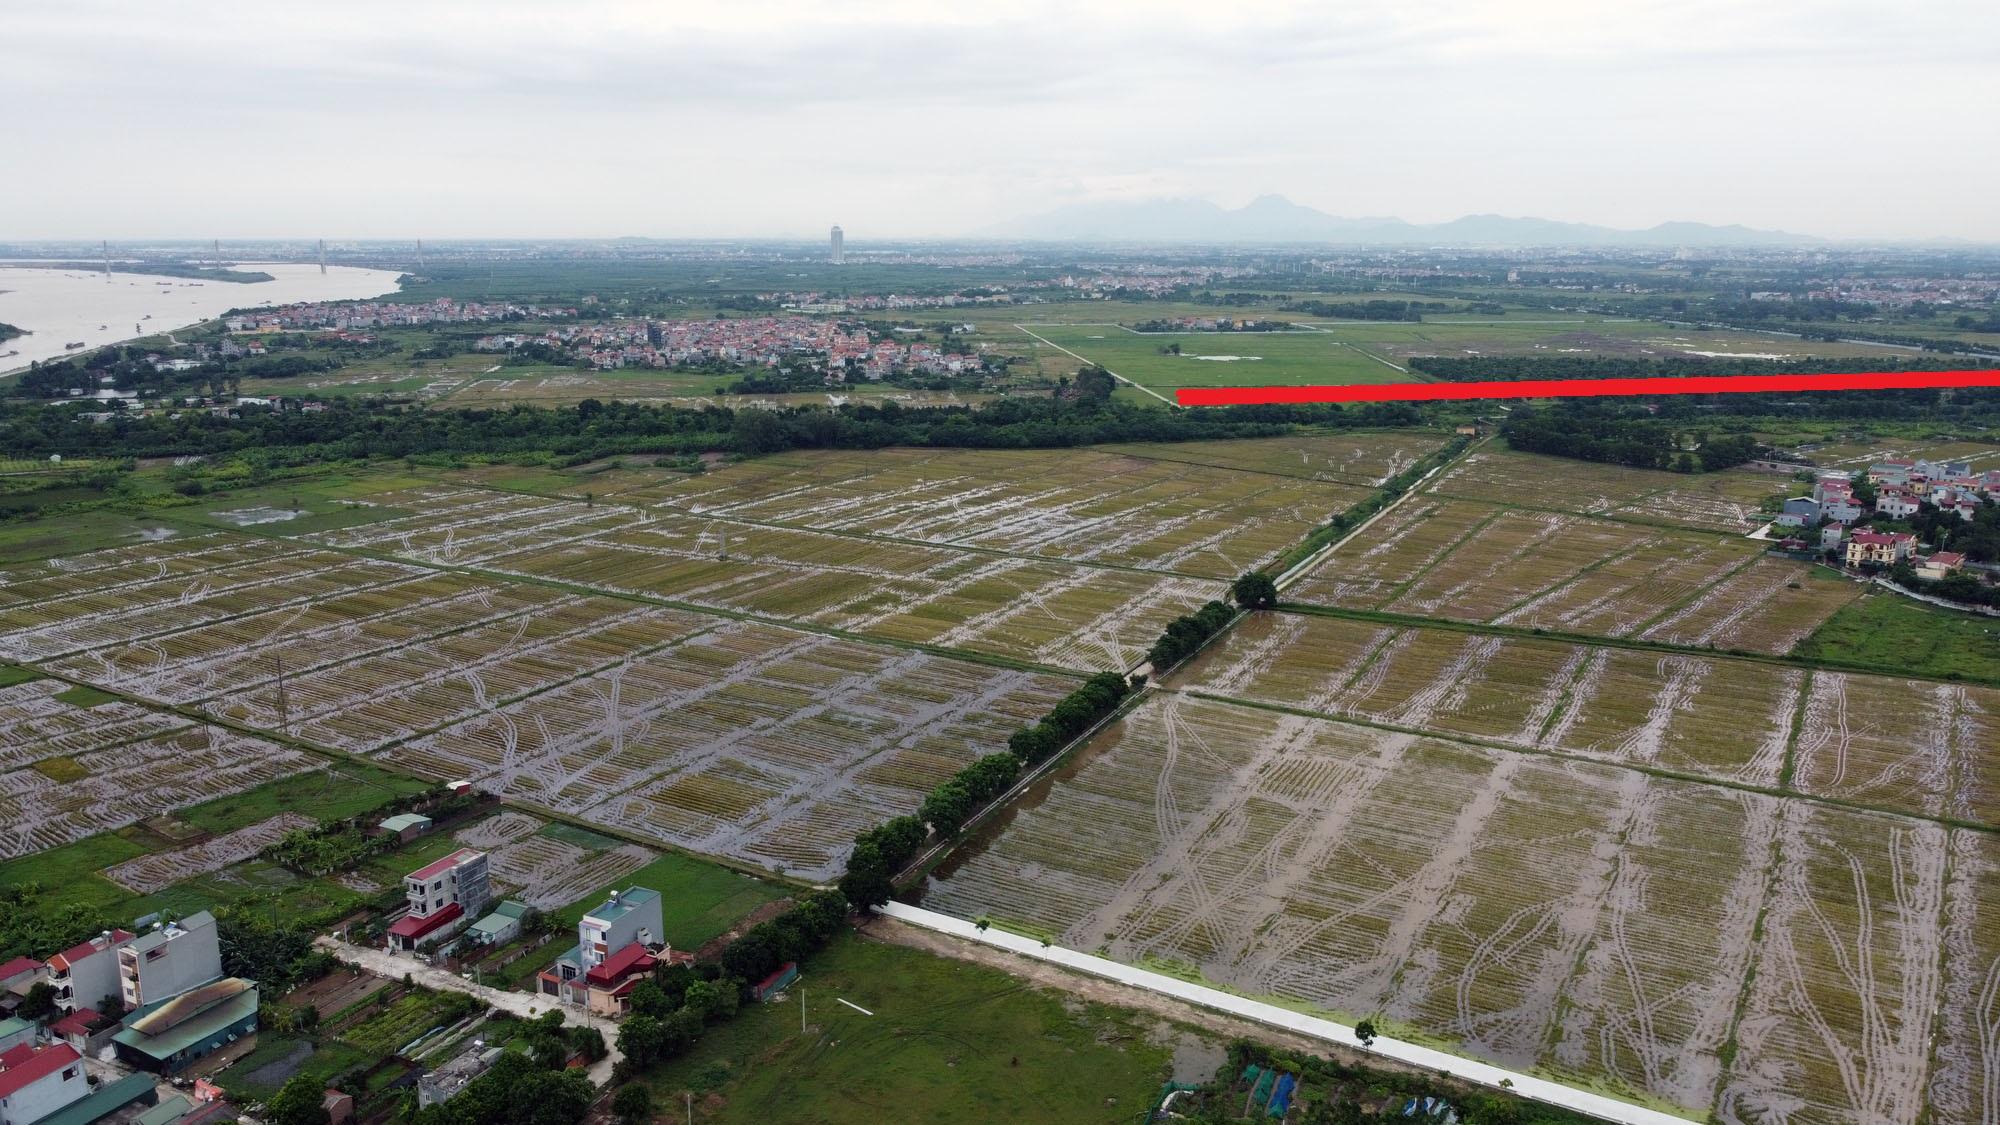 đường sẽ mở theo qui hoạch ở xã Đông Hội, Đông Anh, Hà Nội - Ảnh 4.